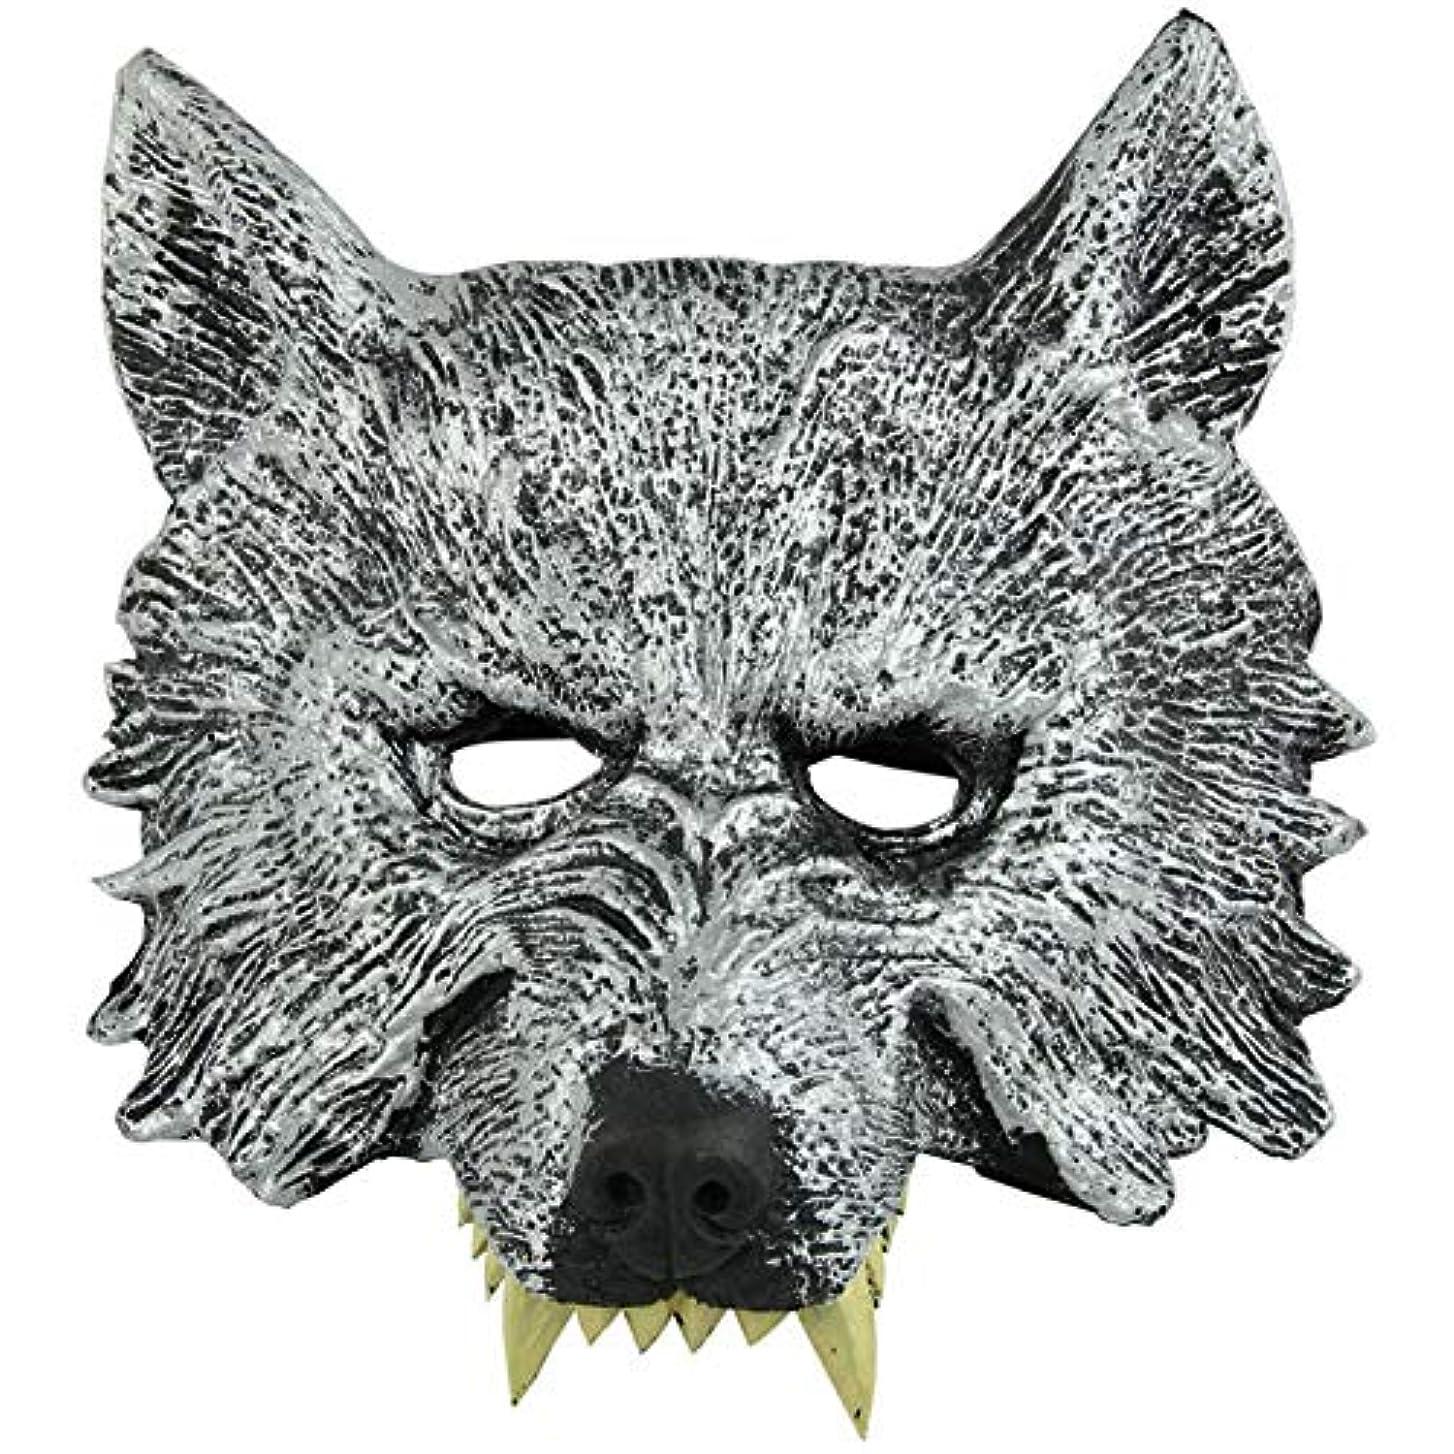 み分子前オオカミヘッドマスク全身小道具ホリデー用品仮面舞踏会マスクハロウィンマスク